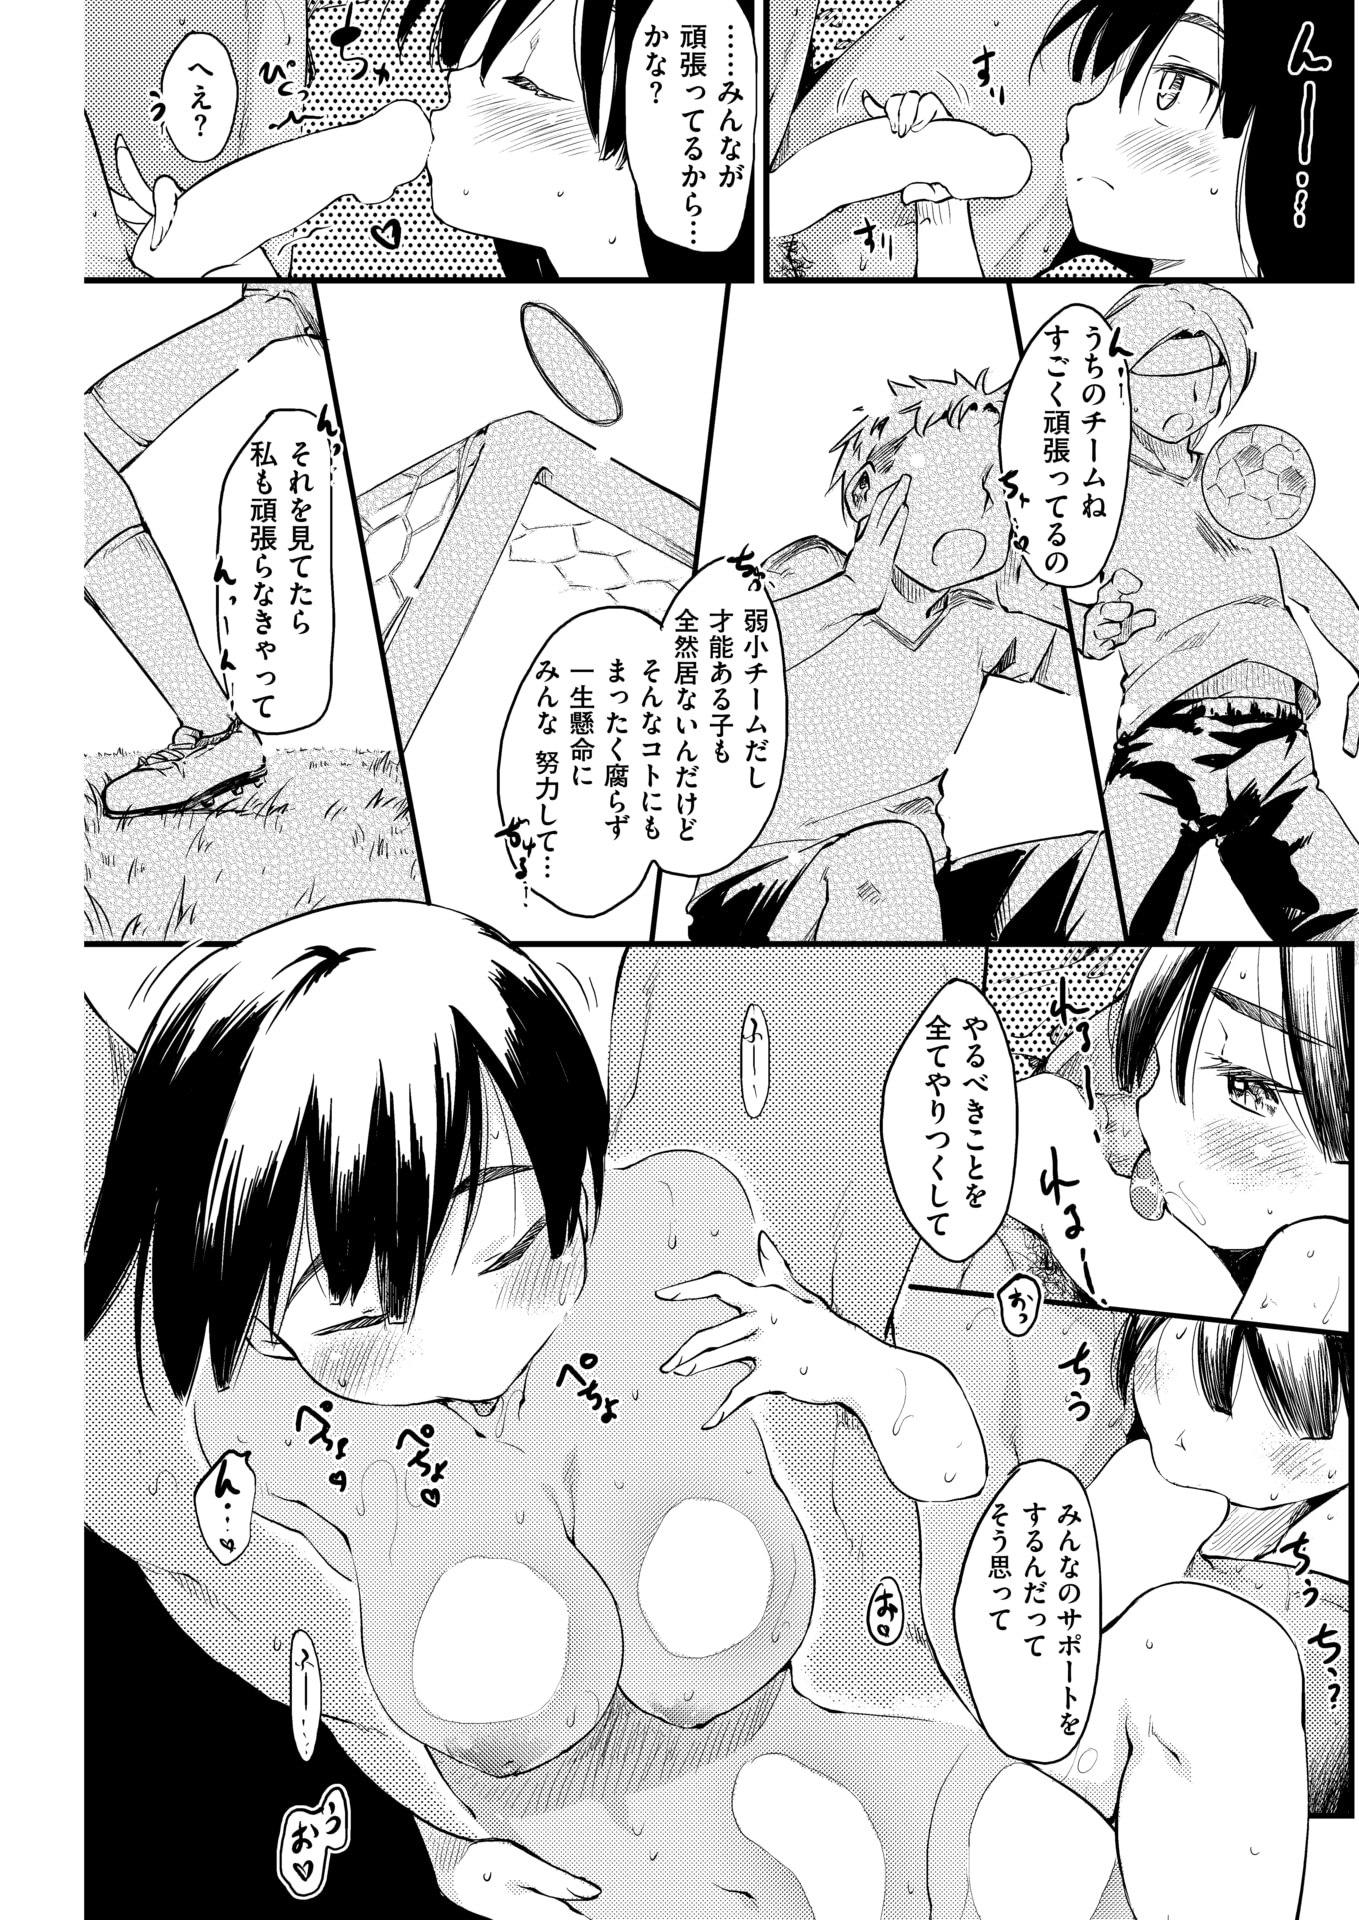 ヤリマン女子マネ エロ同人誌情報館011